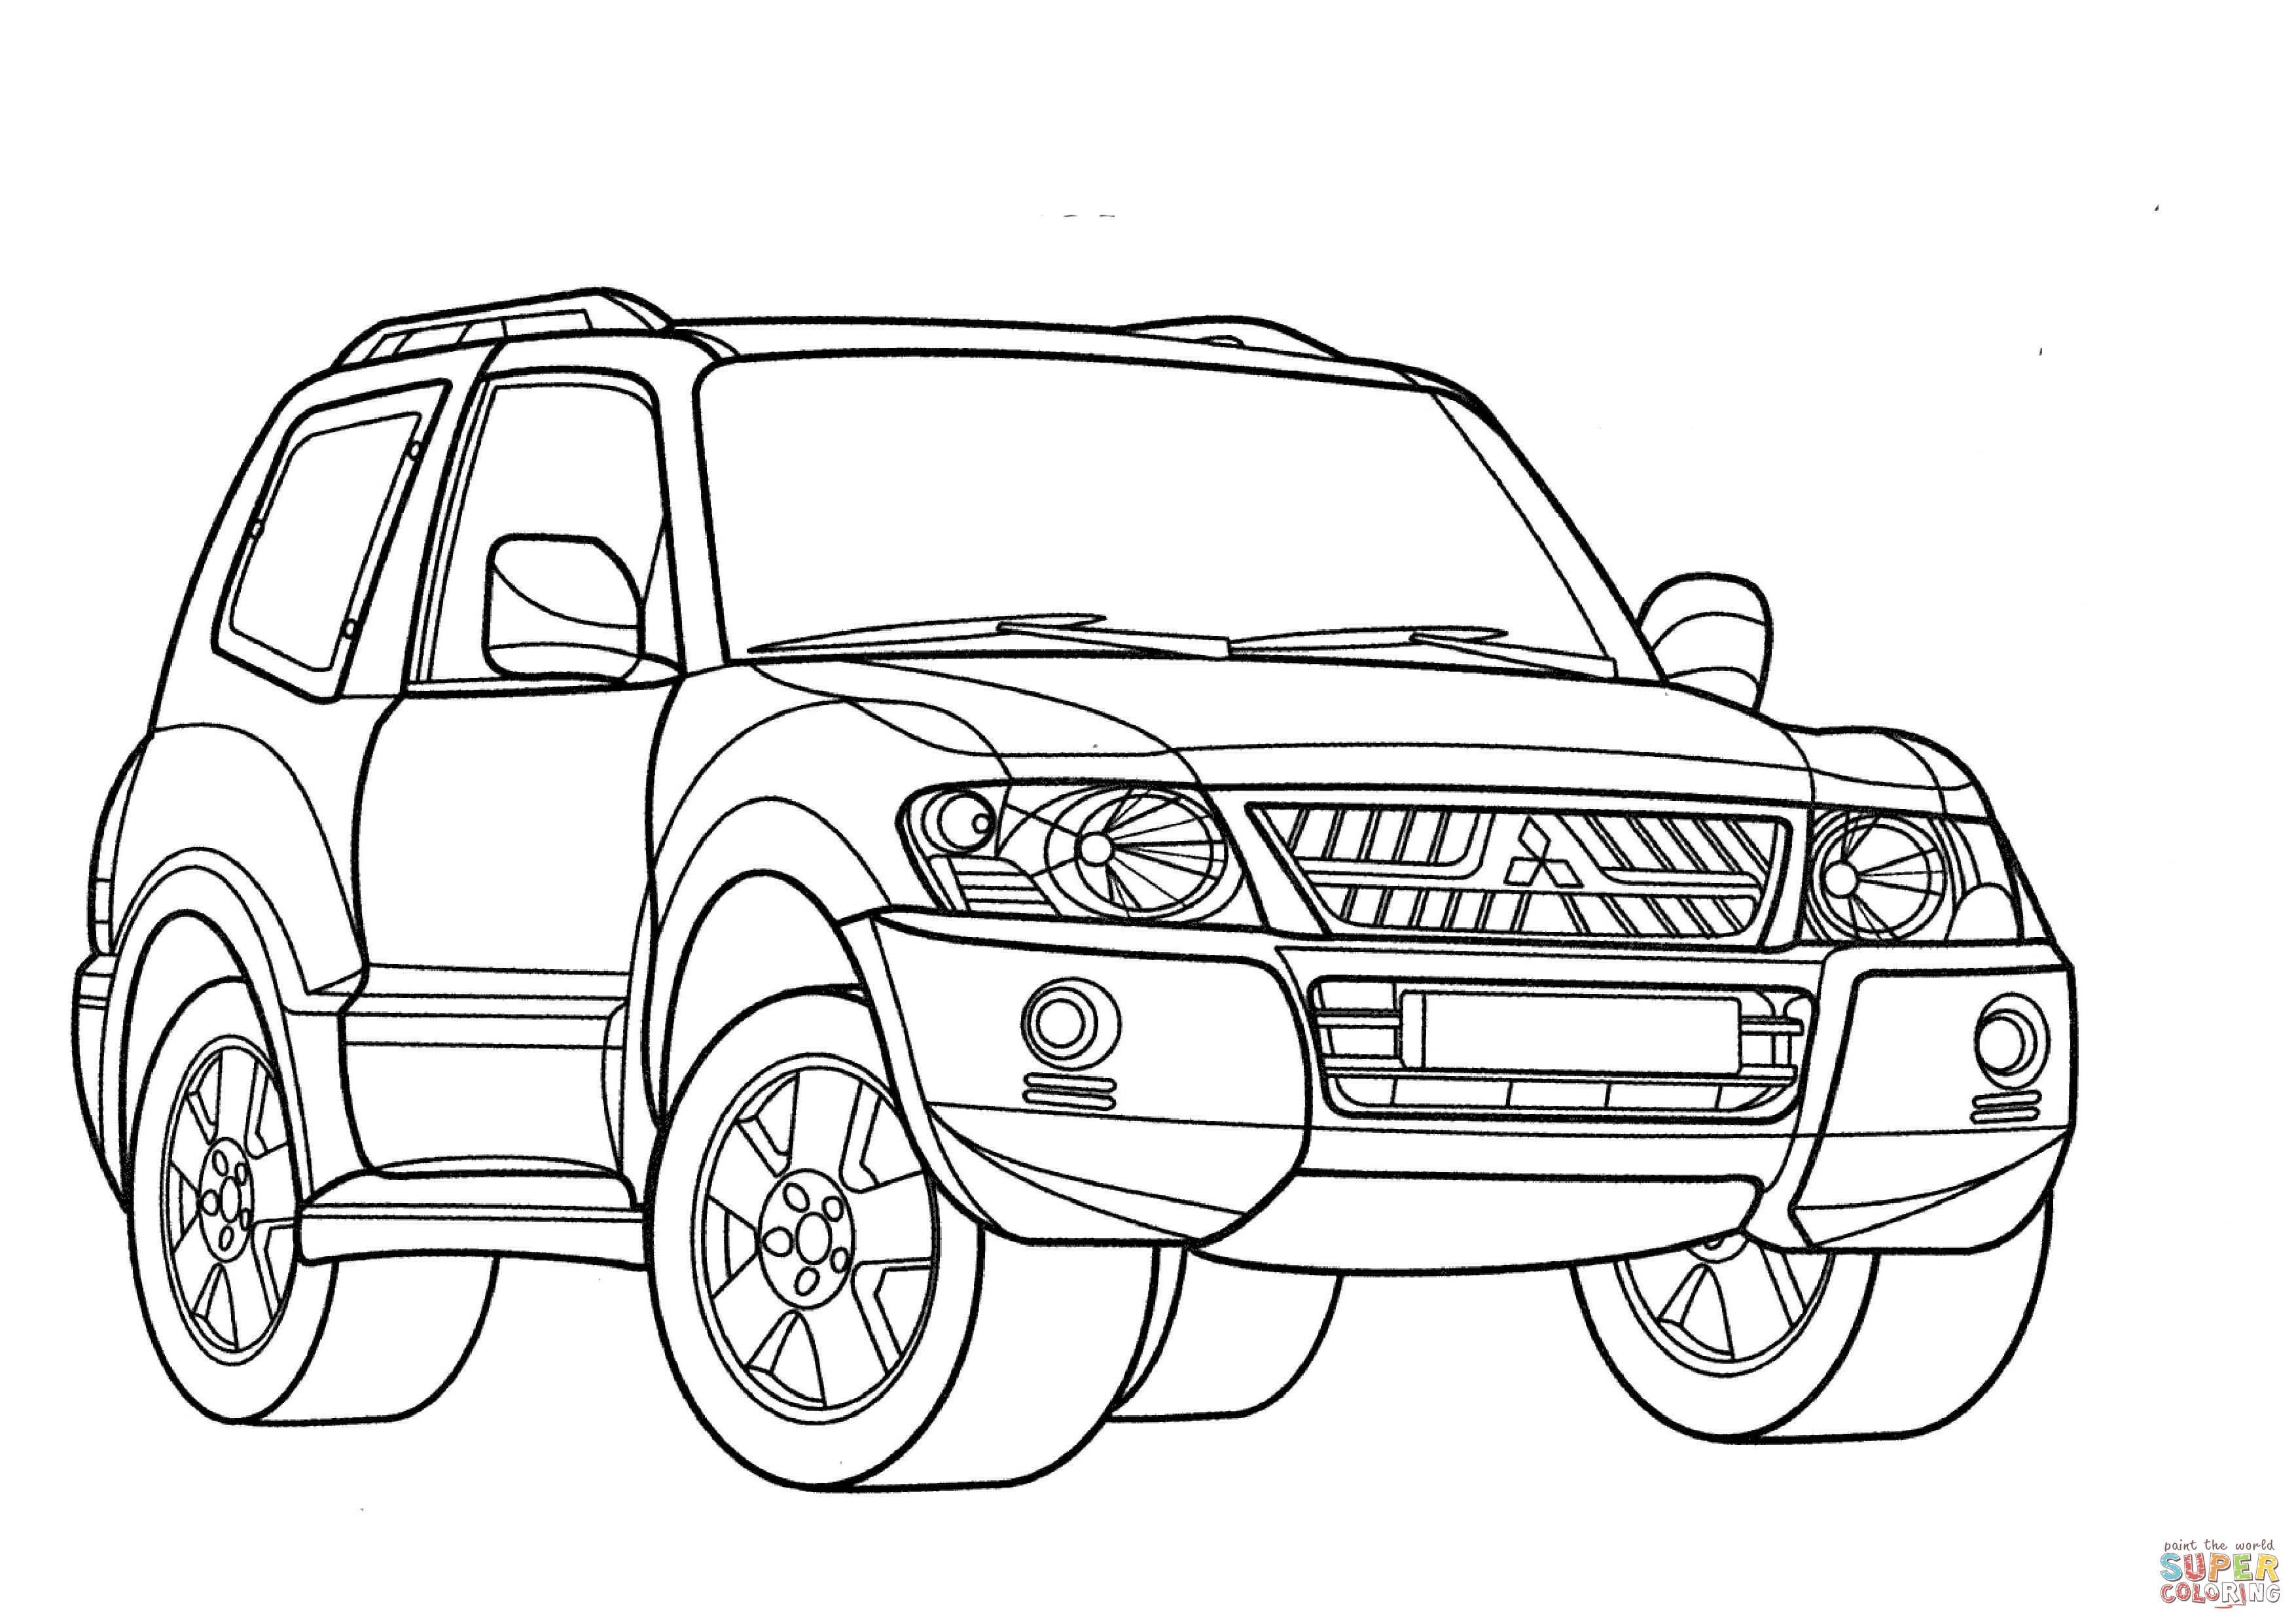 Mitsubishi Montero Coloring Page